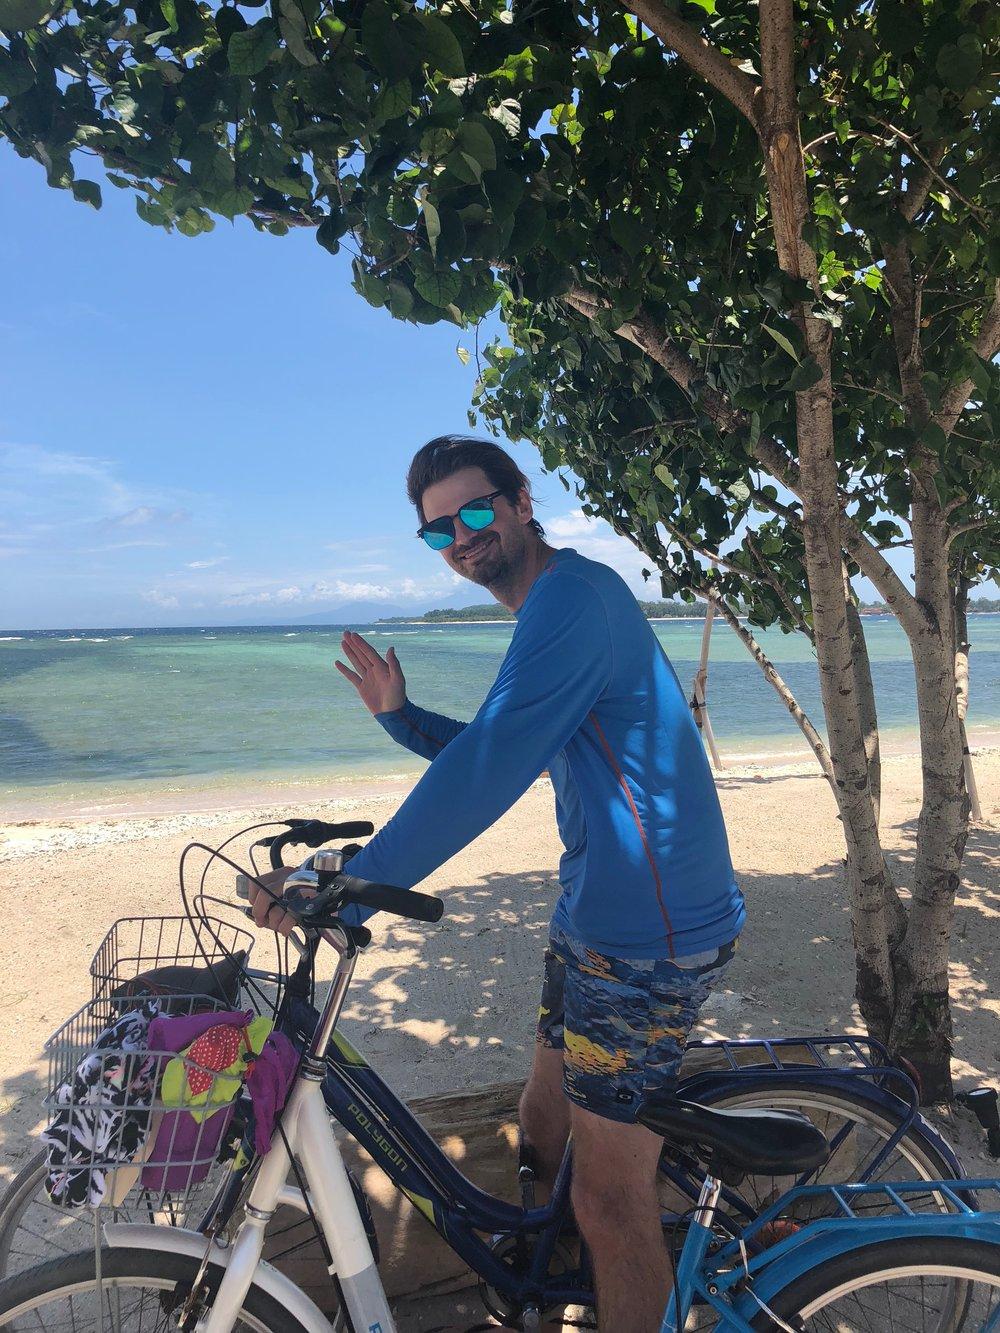 Matt beach biking